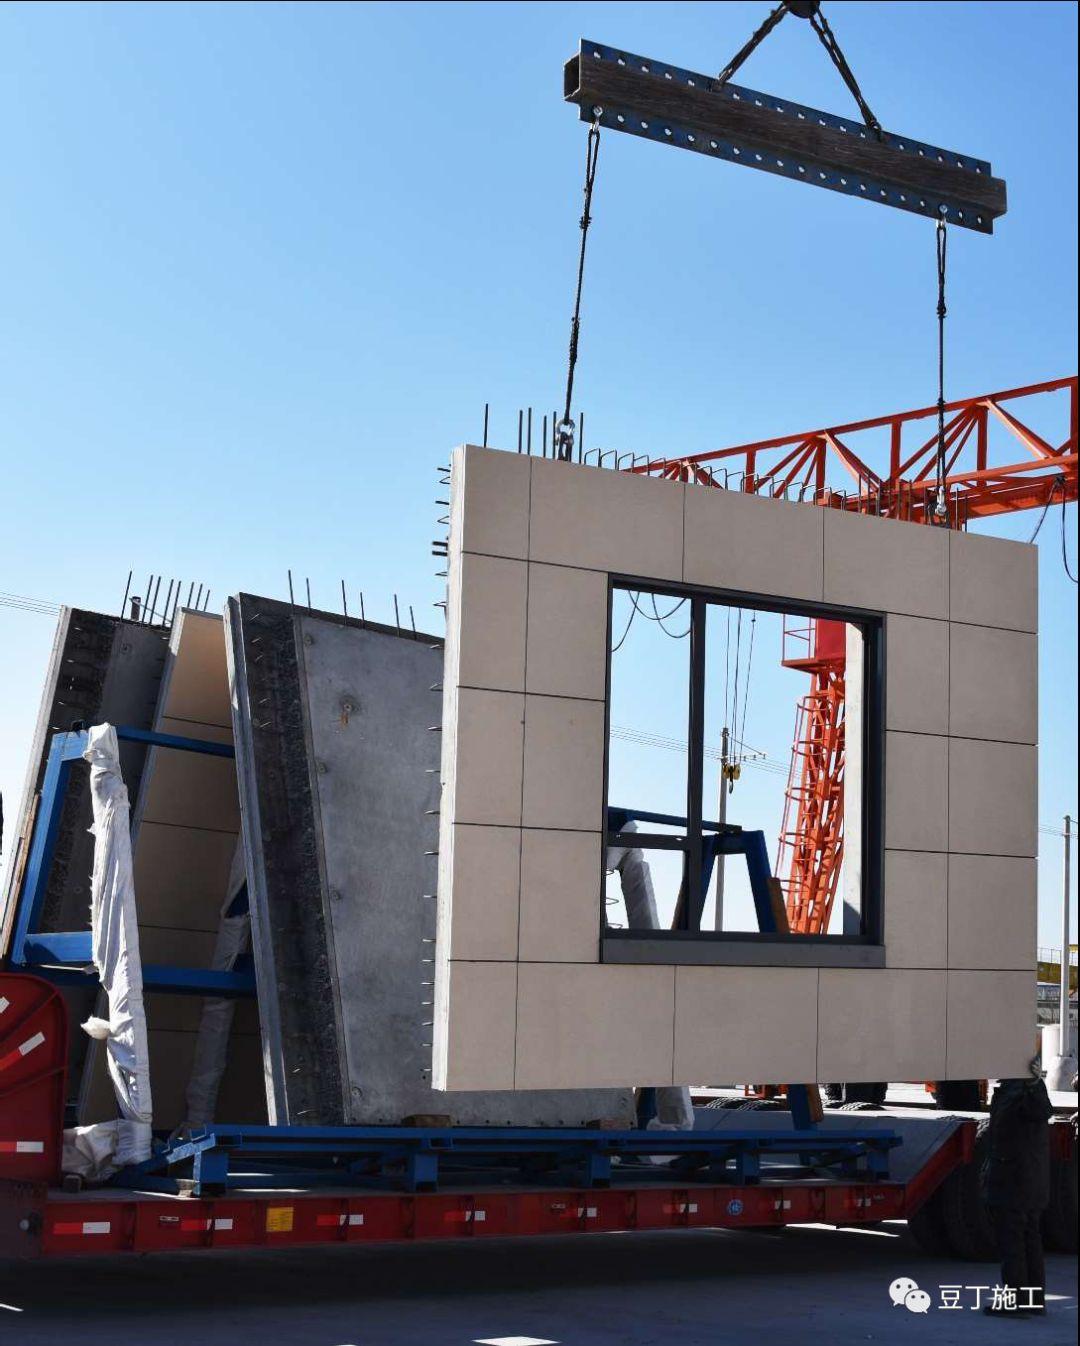 装配式建筑丨结构,装饰,保温一体化外墙板关键技术